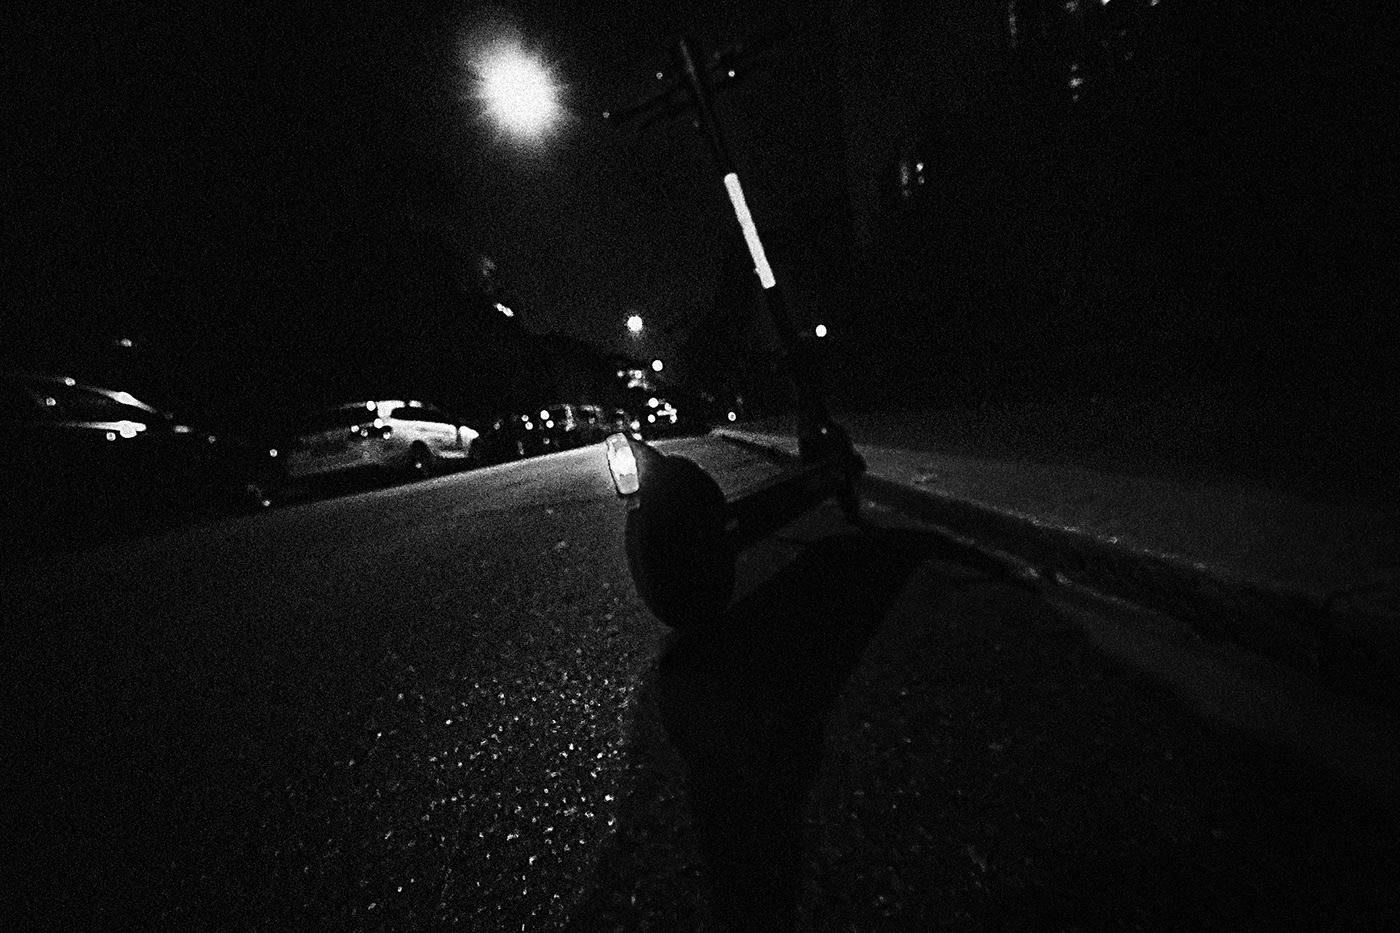 black & white city fotografie Photography  Schwarzweiß stadt straße Street